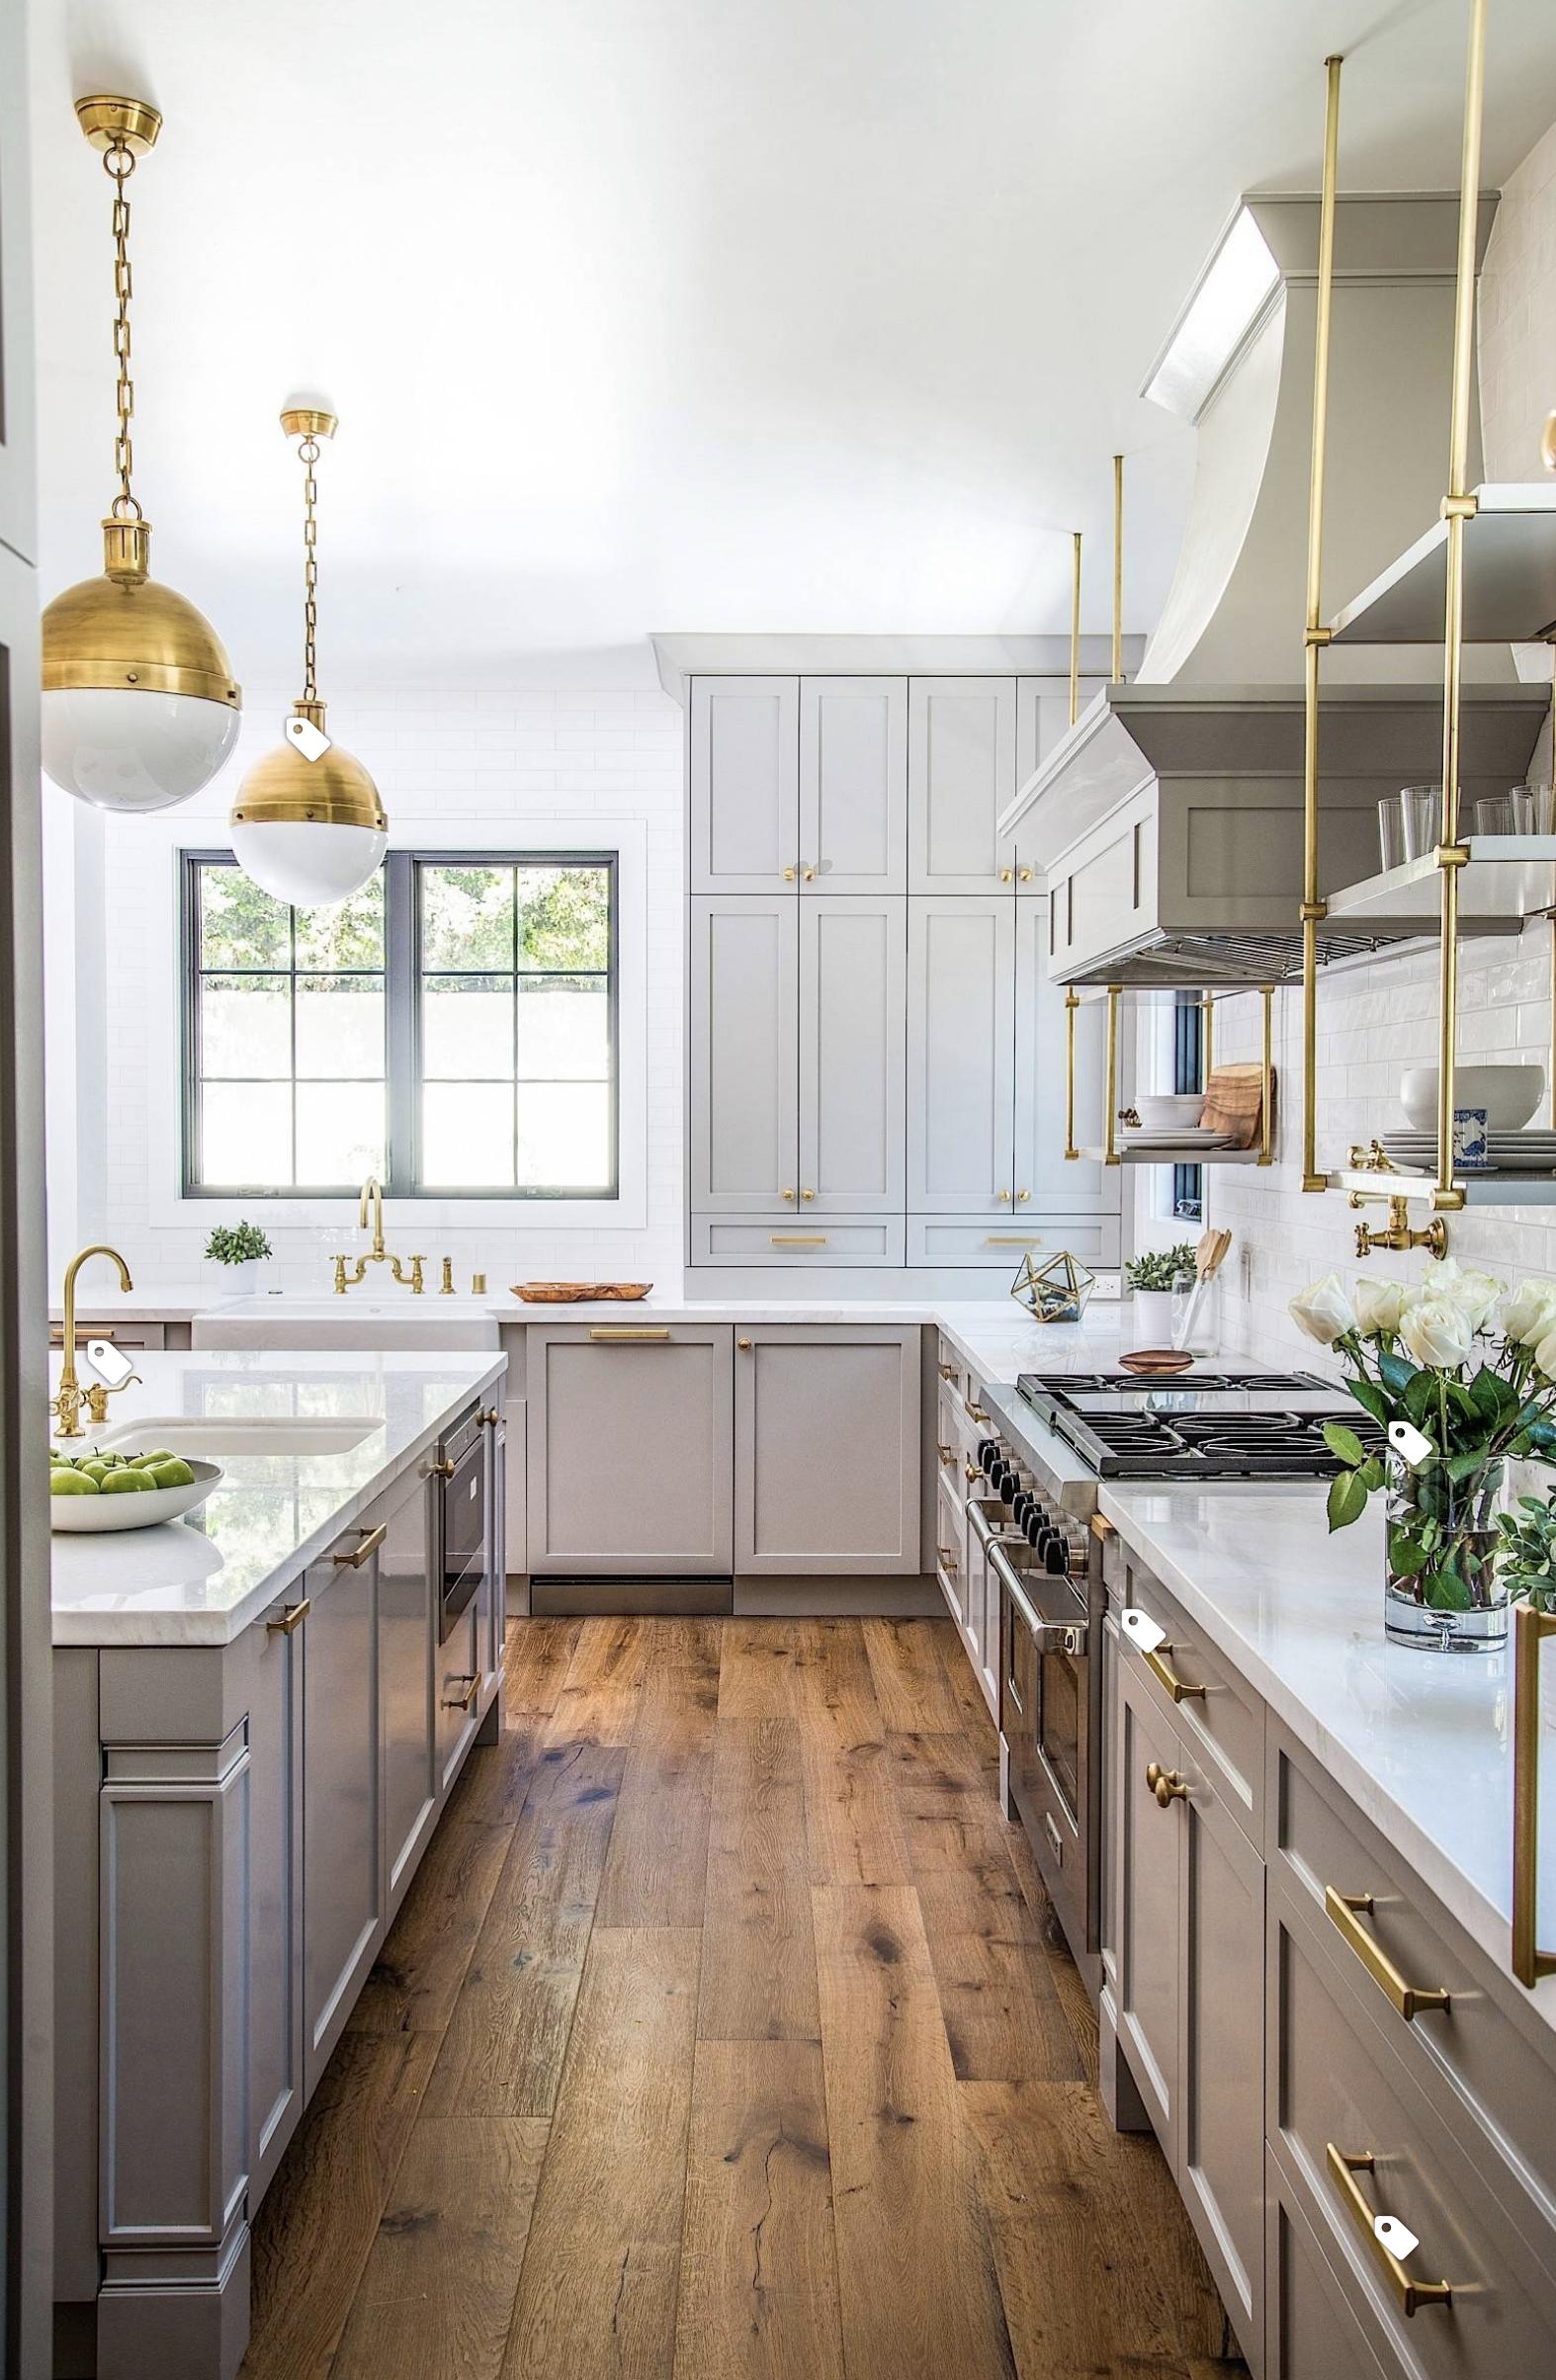 Grey and brushed gold hardware Kitchen decor